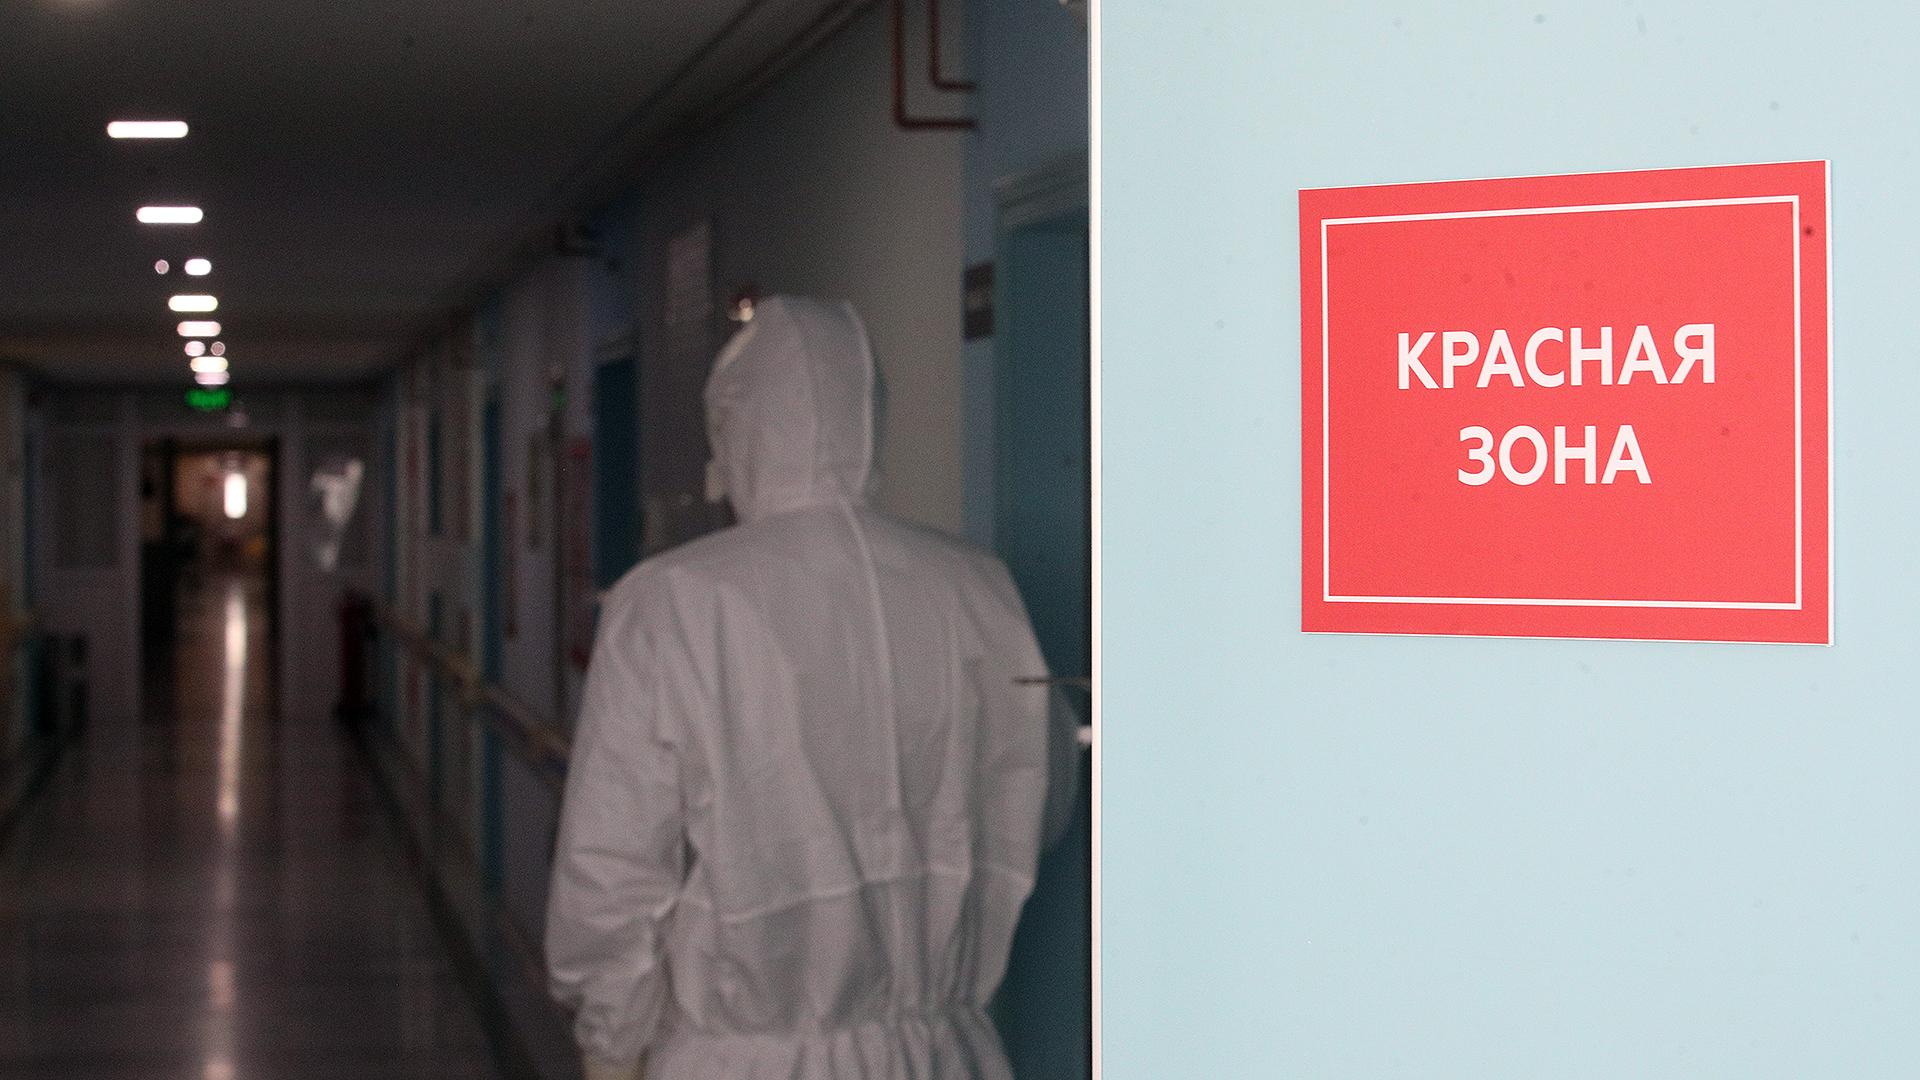 Профсоюз призвал вернуть льготный пенсионный стаж медикам, работающим с COVID